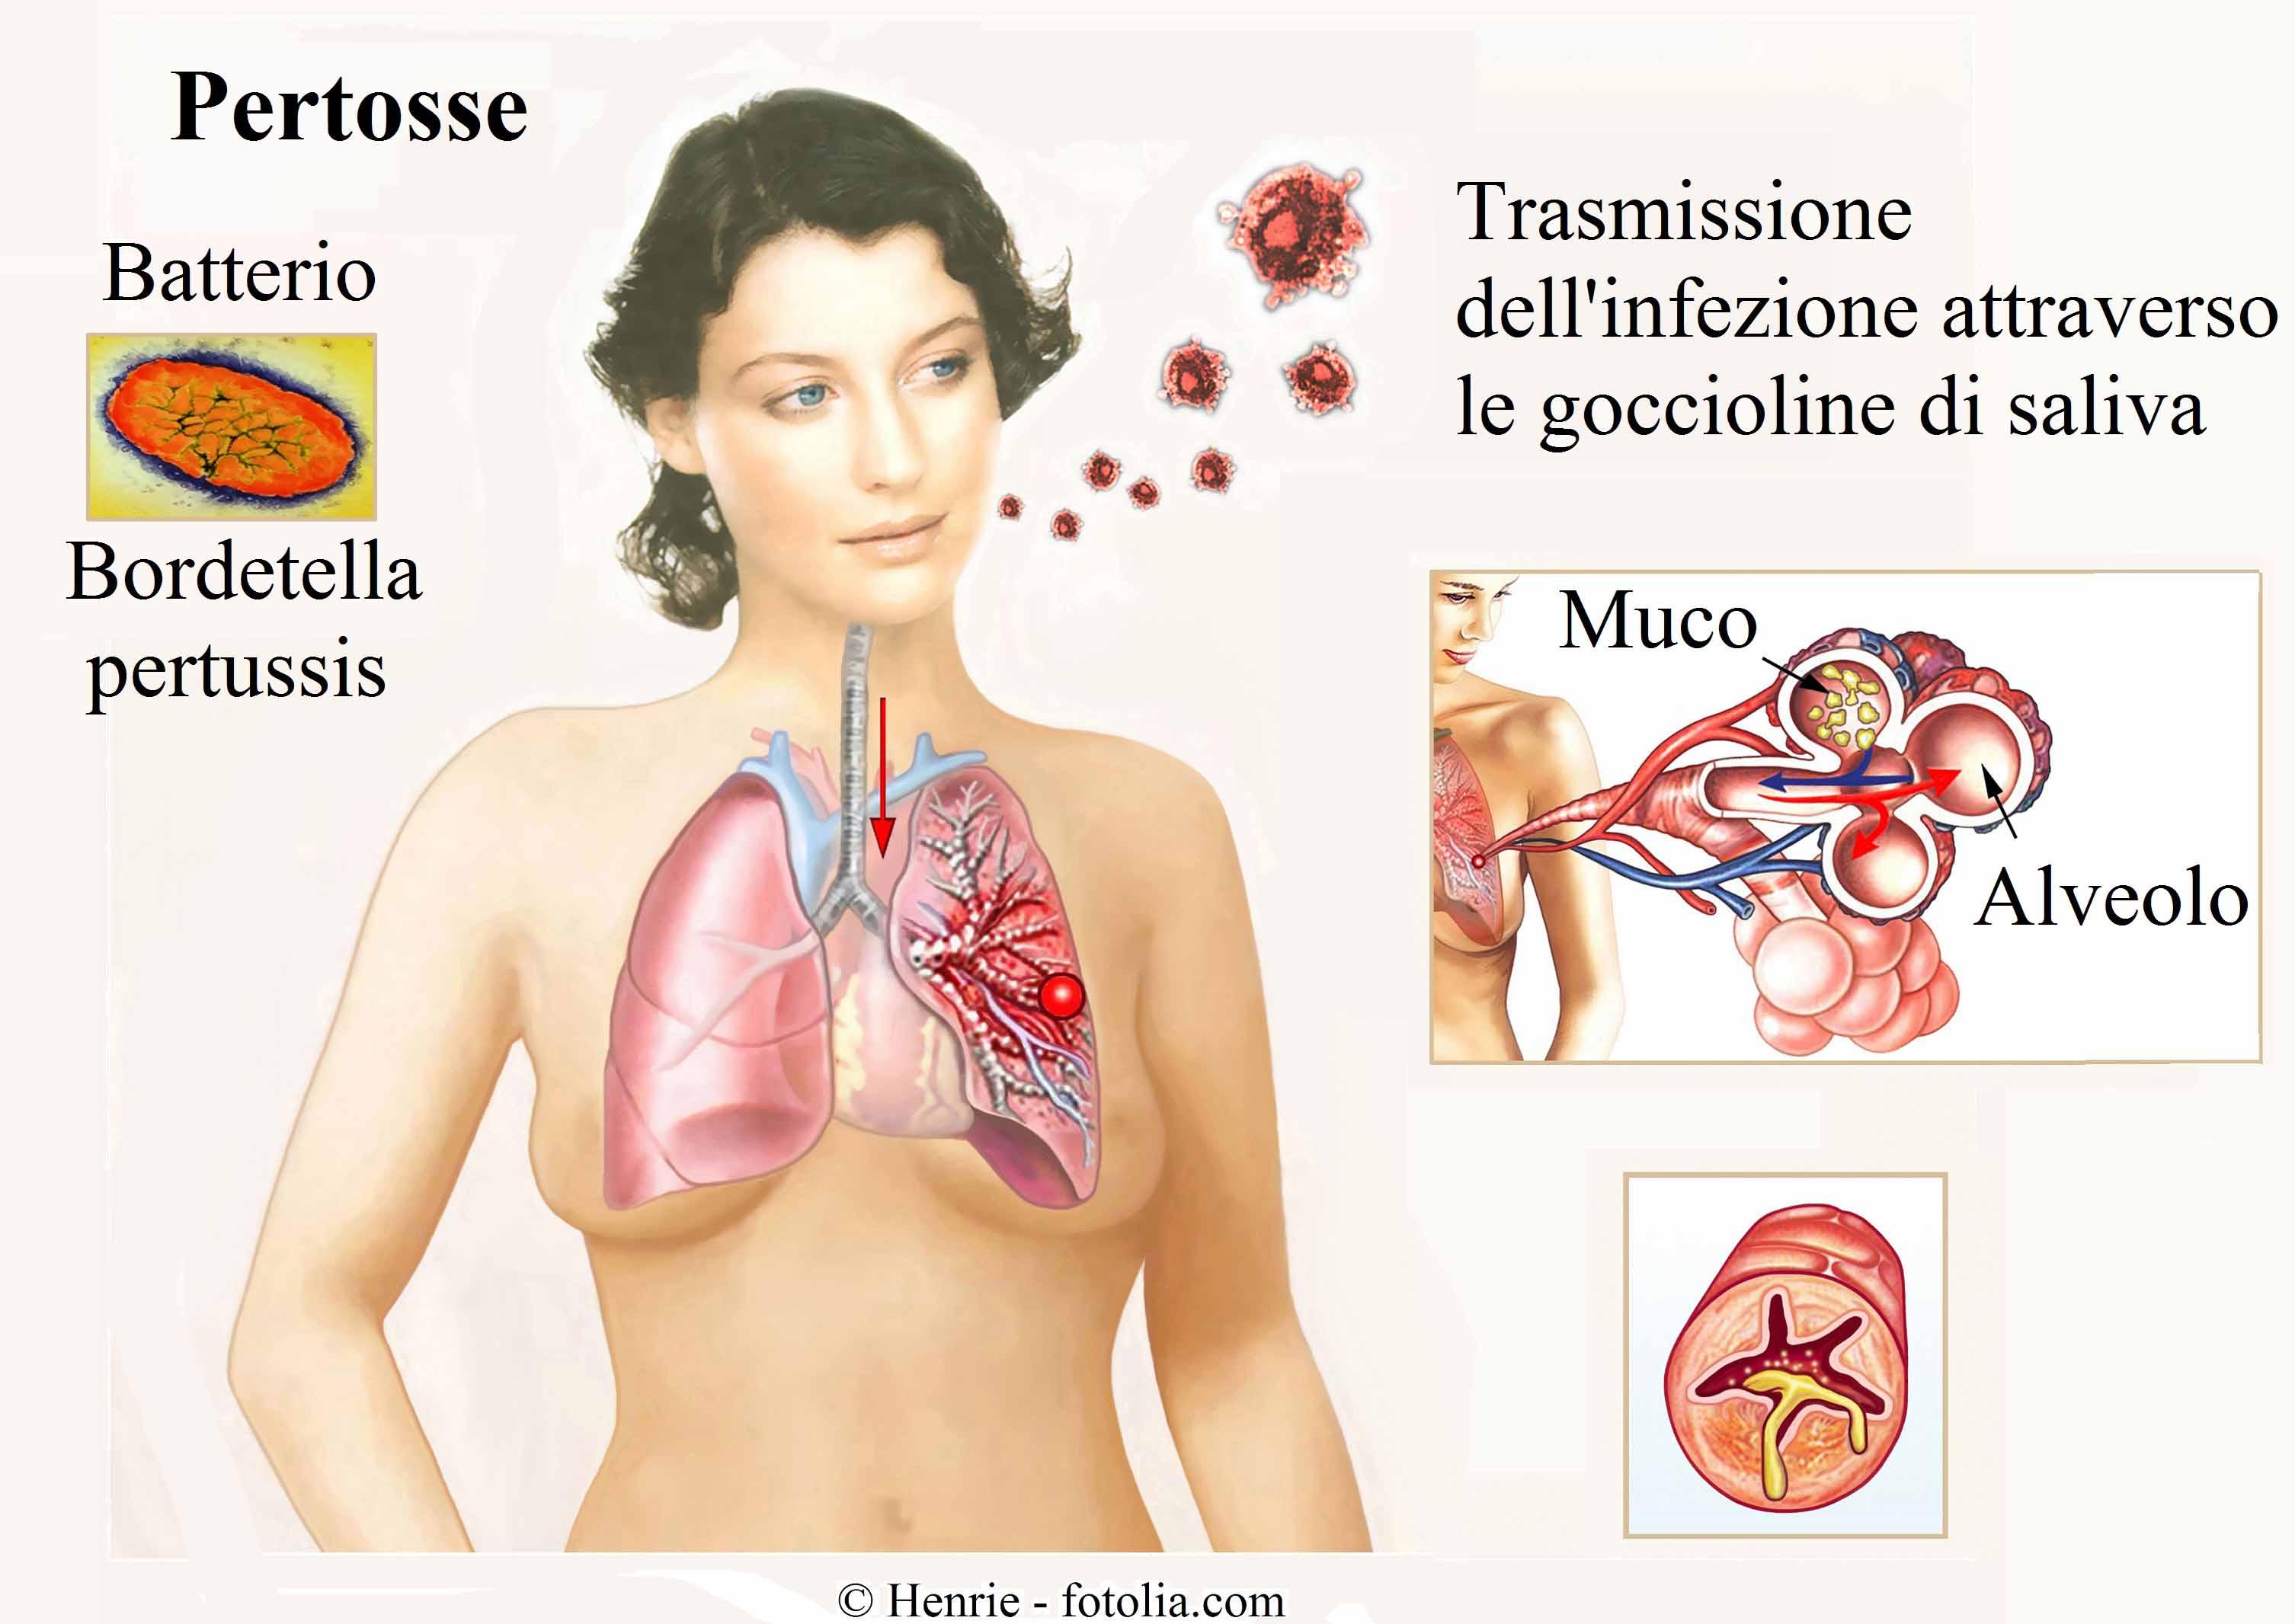 pertosse-batterio-trasmissione-muco